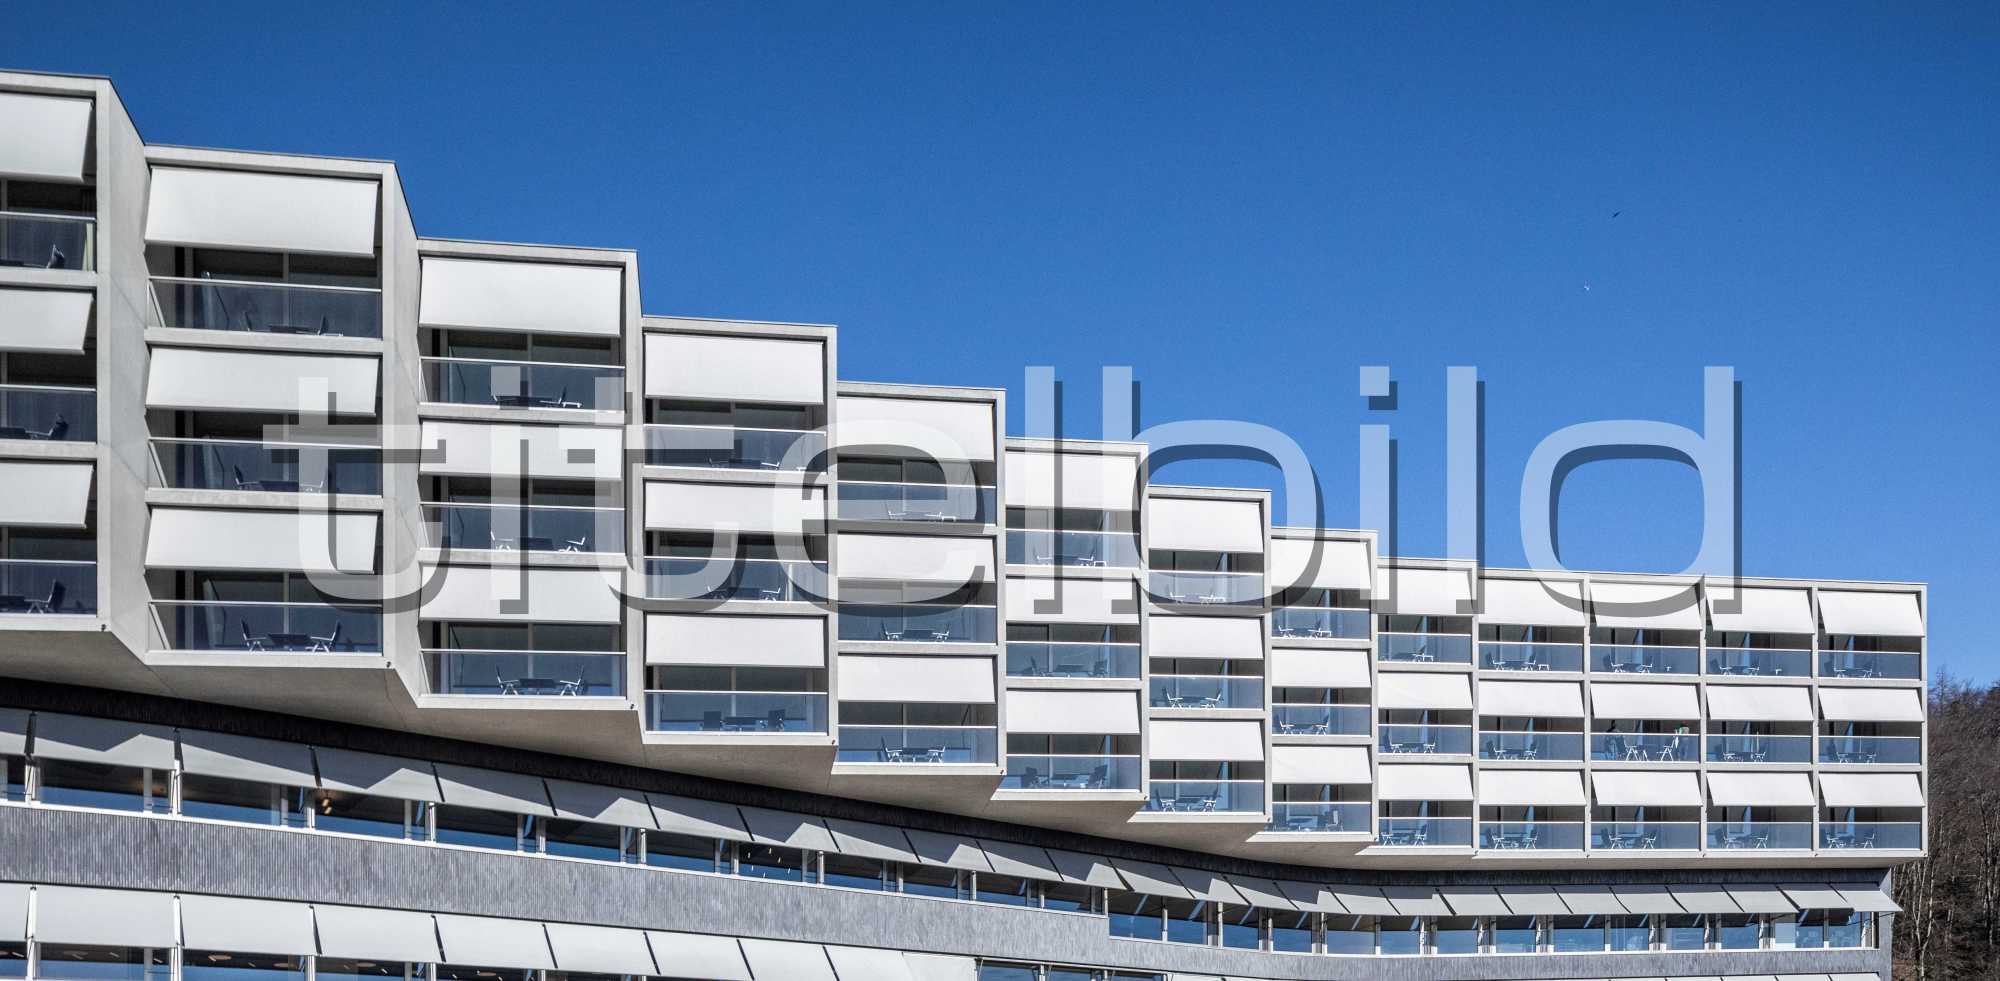 Projektbild-Nr. 2: Klinik Barmelweid Neubau Gebäude Oscar